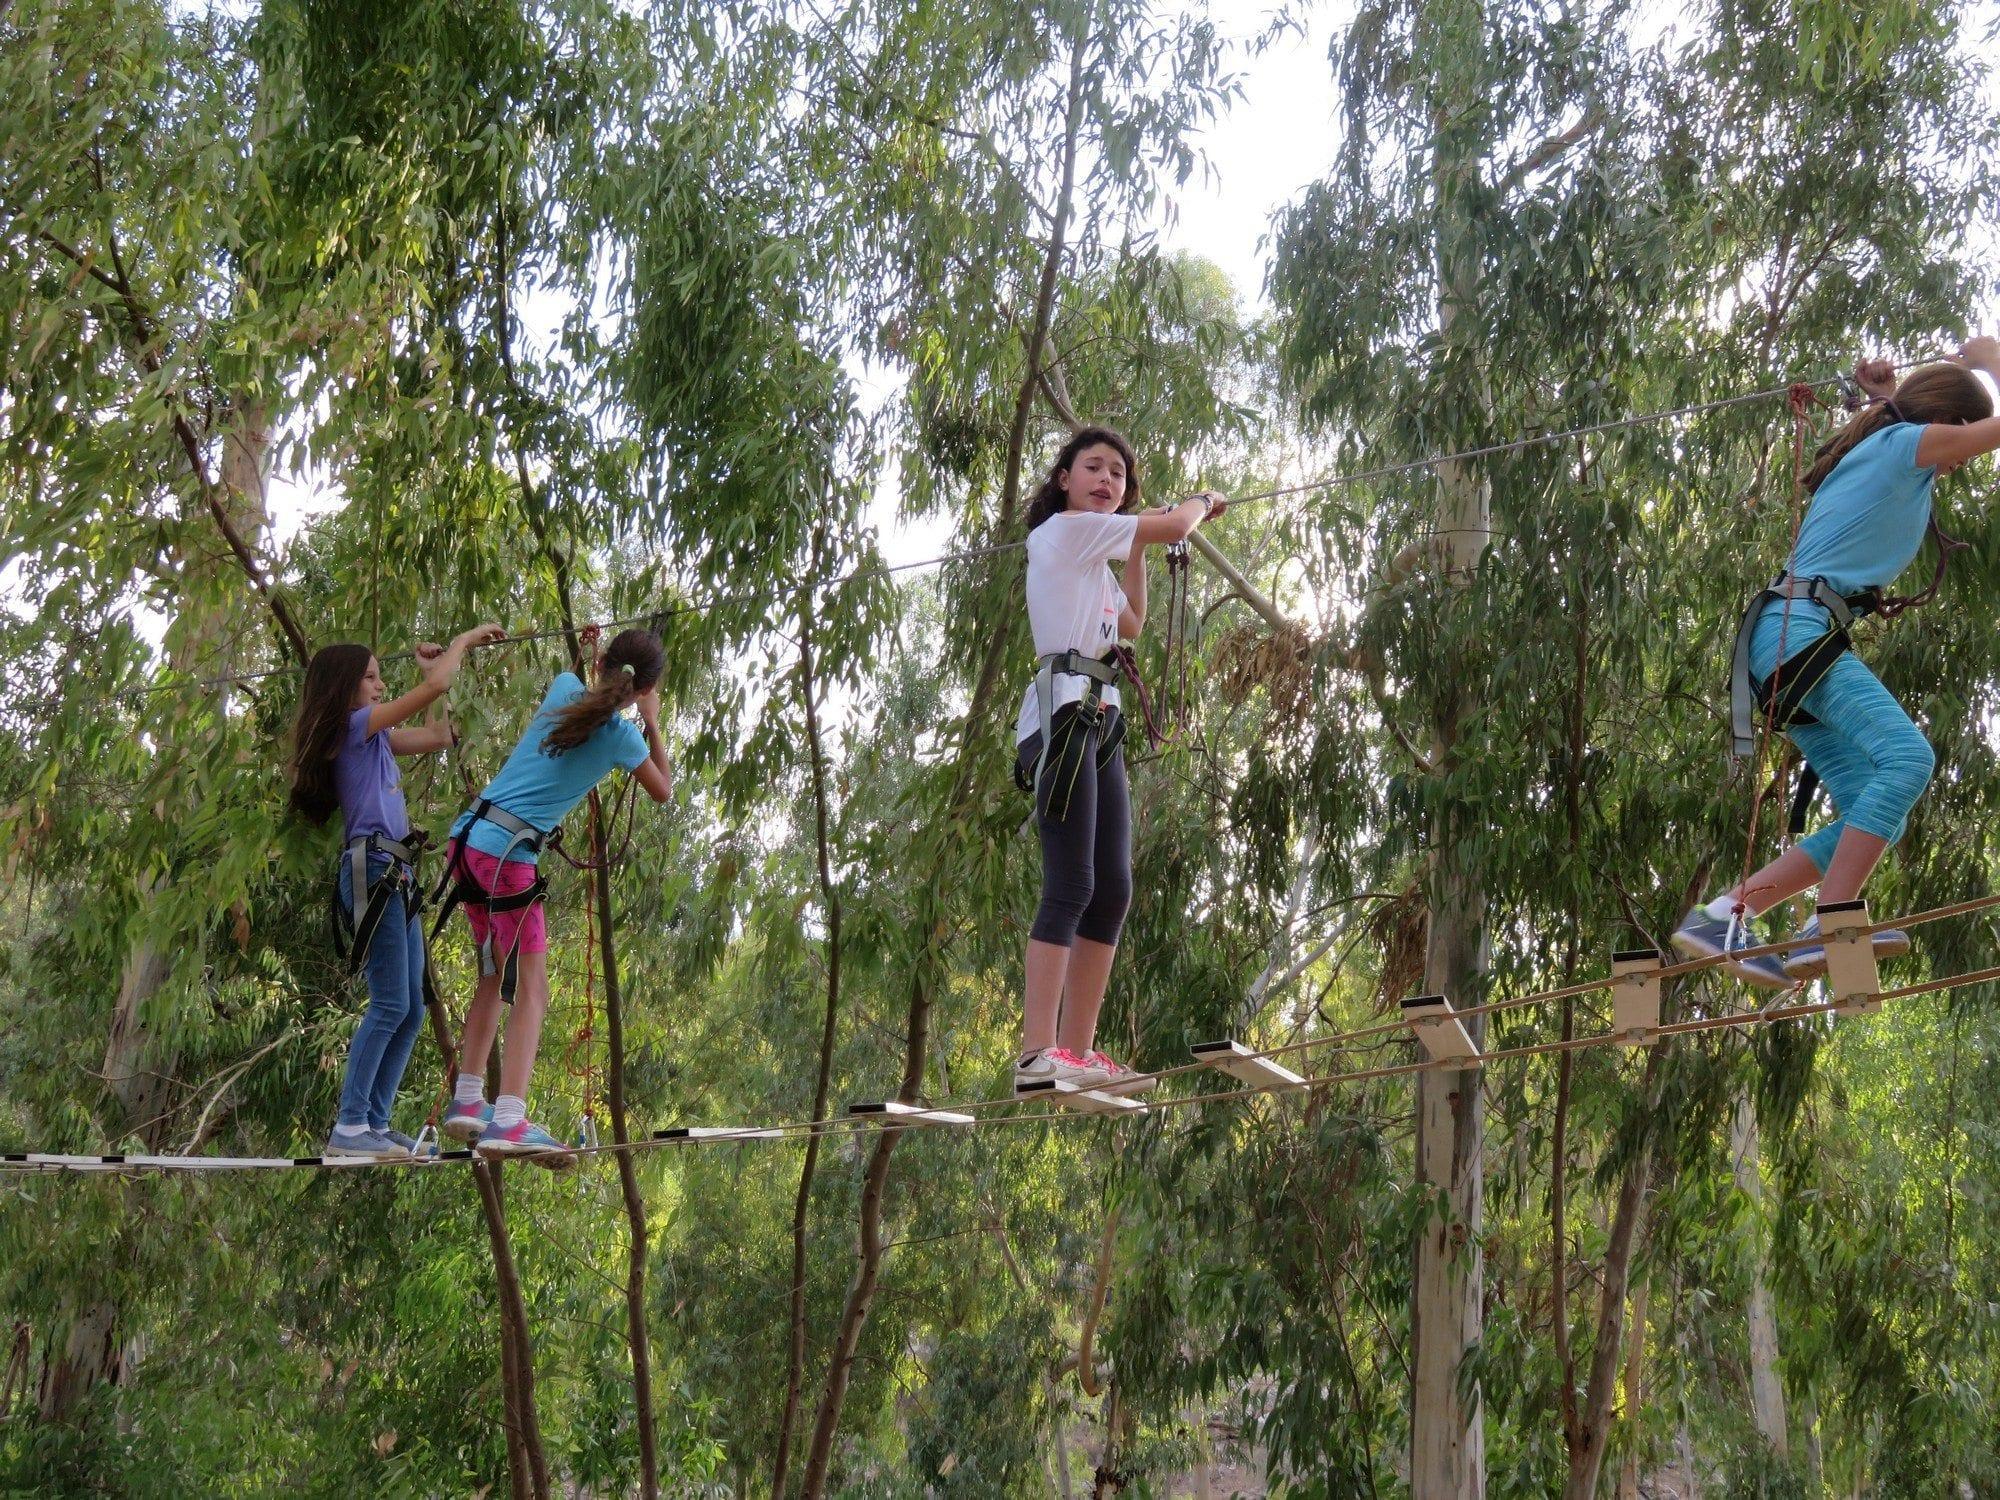 פארק על חבלים - בת מצווה עם ערוצים בטבע